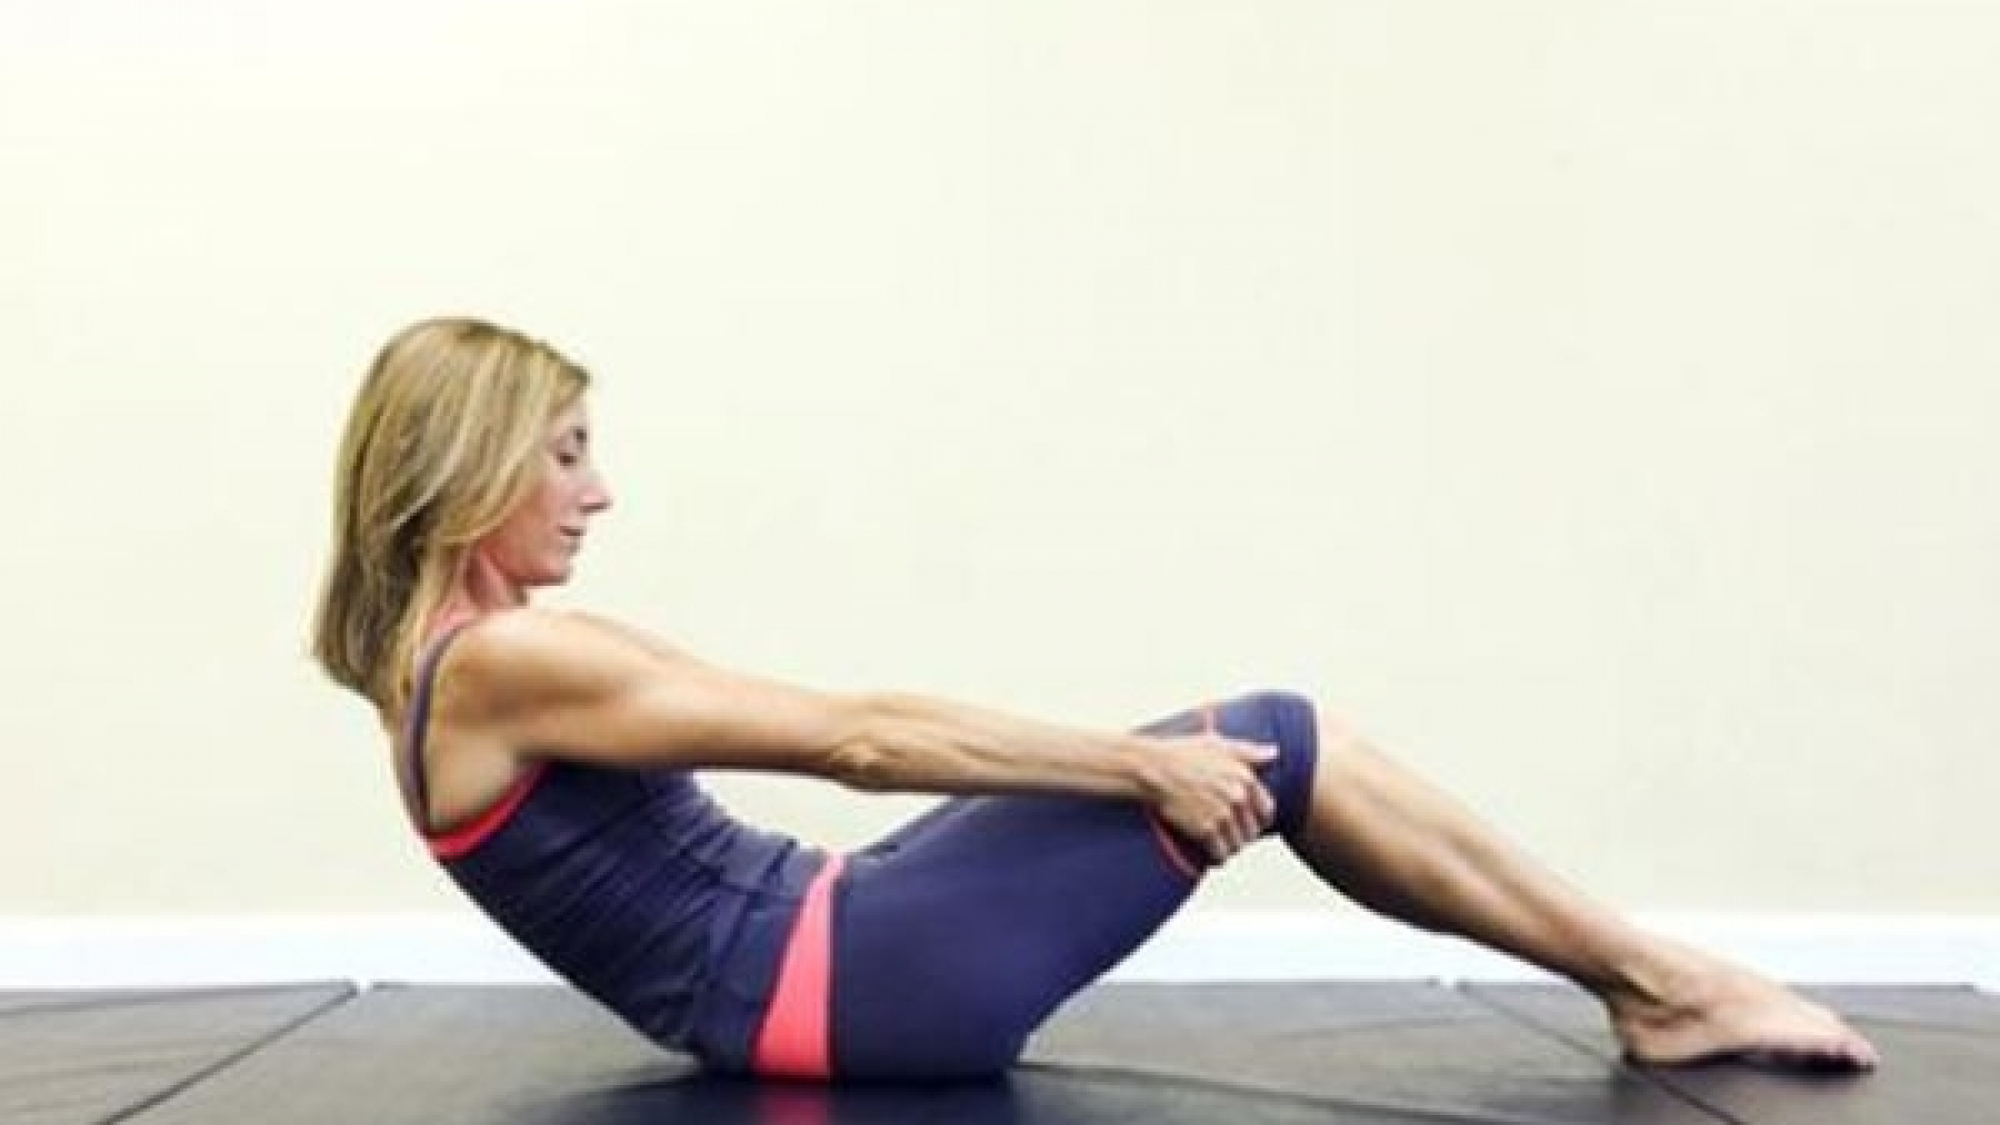 Los básicos de Pilates: The roll up